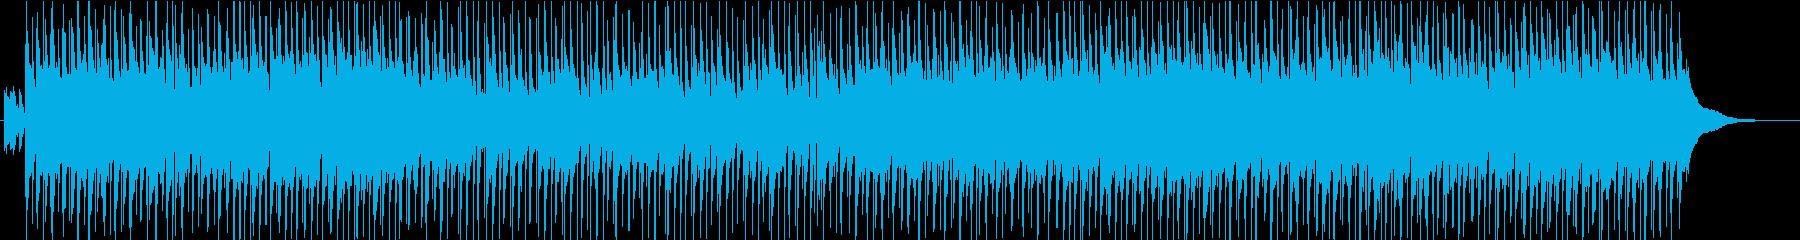 ほのぼのアコースティックPOPの再生済みの波形